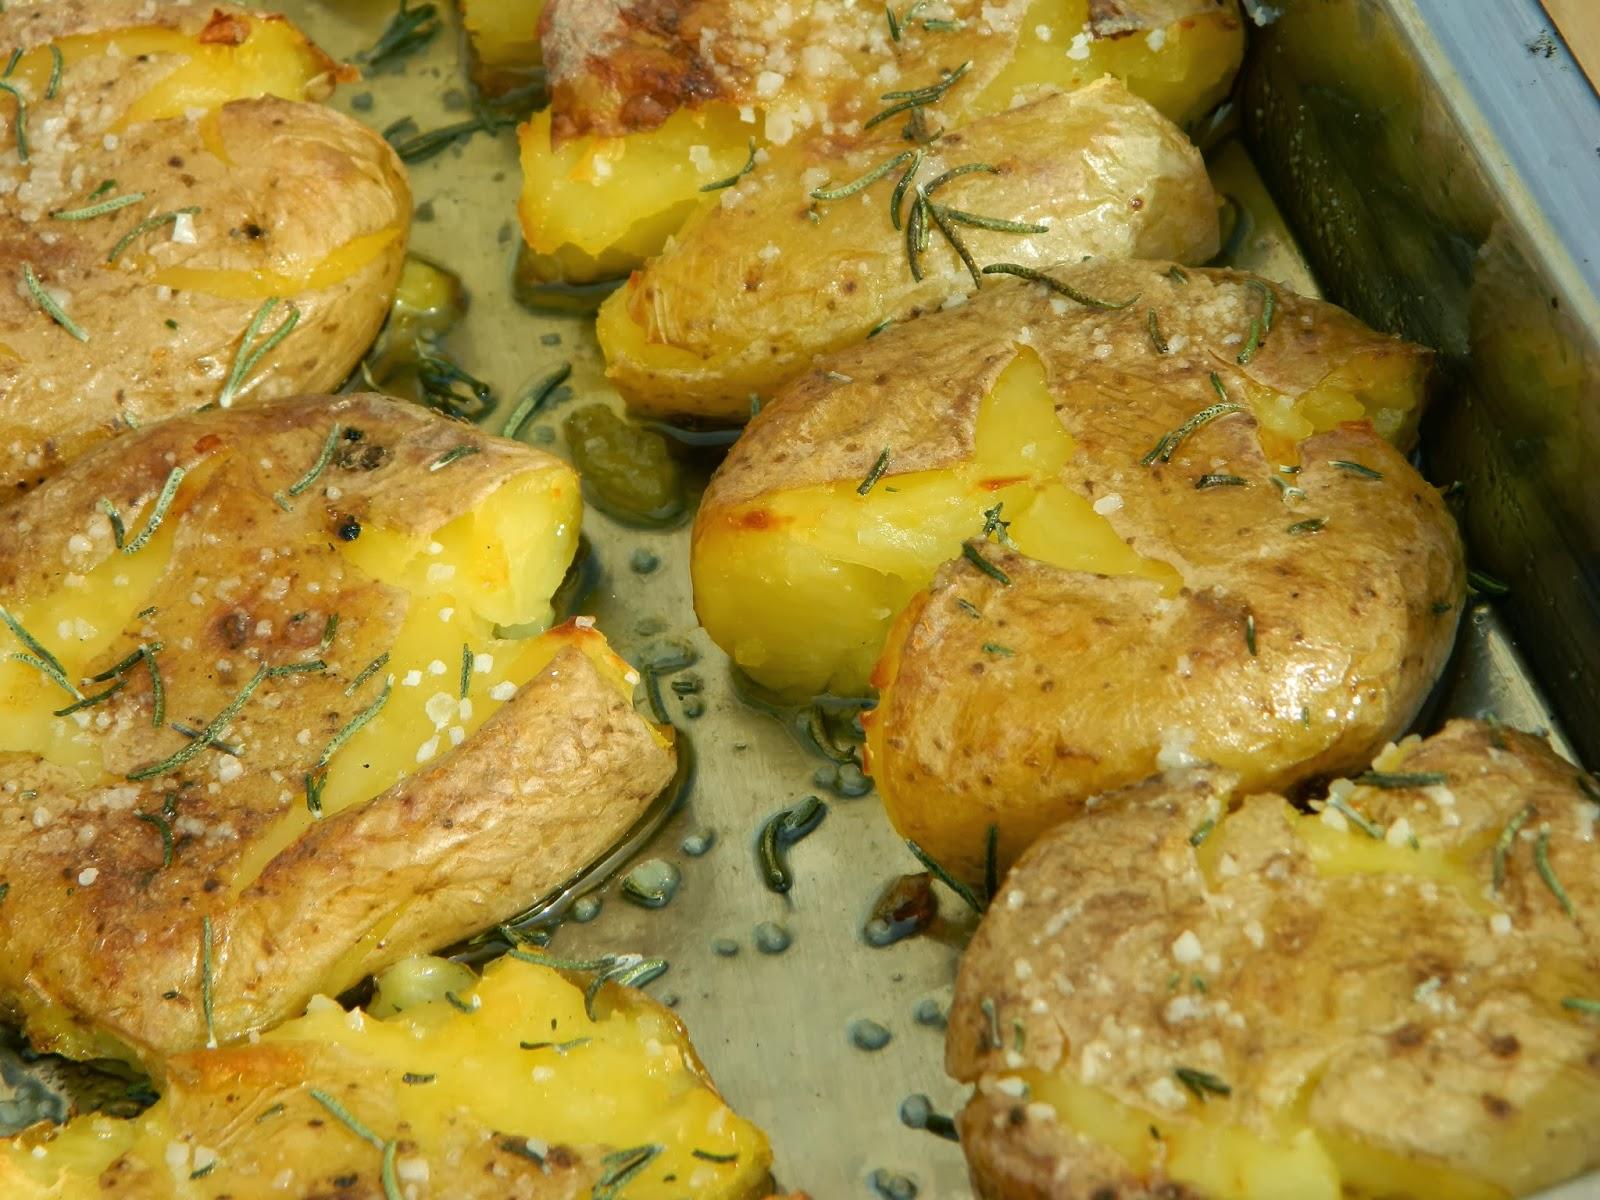 Patatas al horno una guarnici n diferente - Patatas pequenas al horno ...